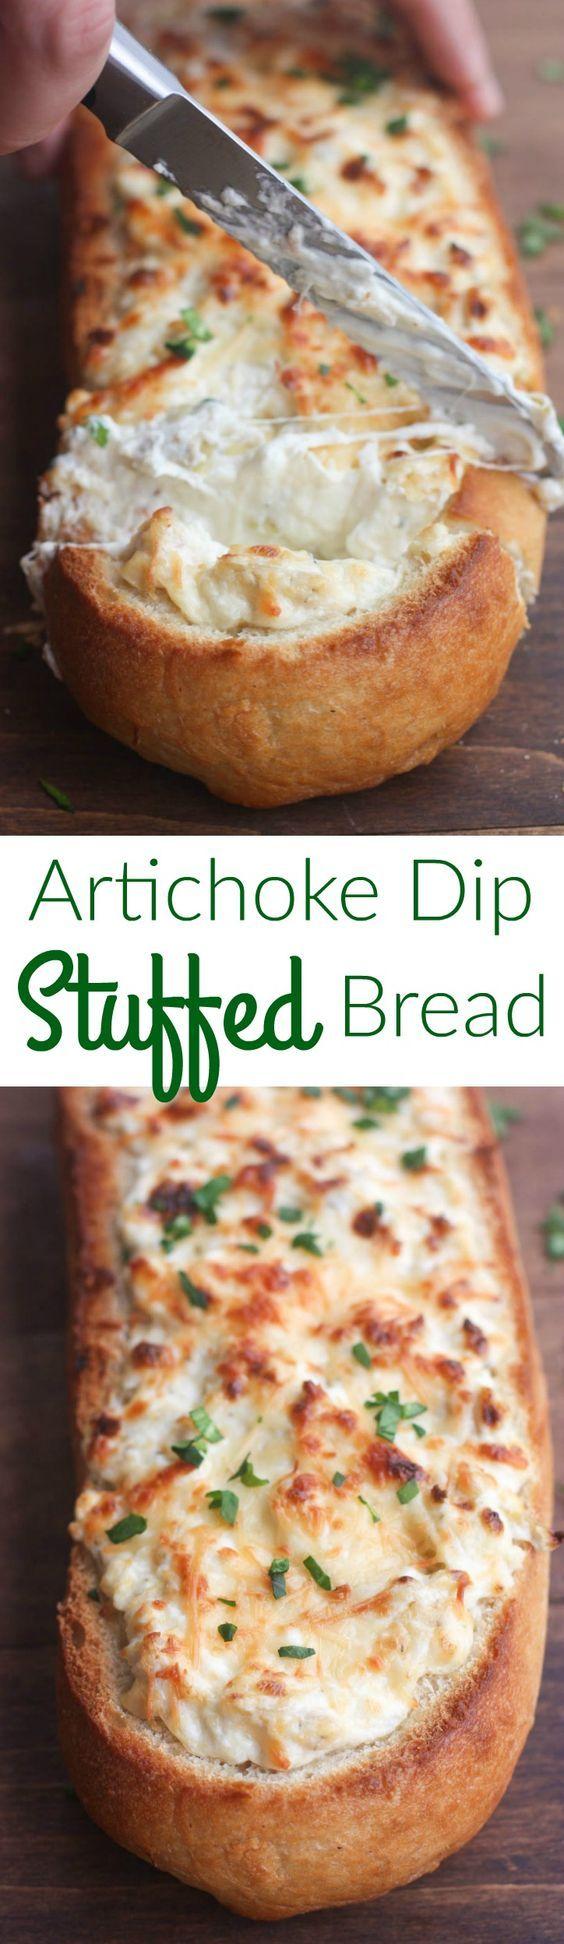 Artichoke Dip Stuffed Bread Our Favorite Hot Artichoke